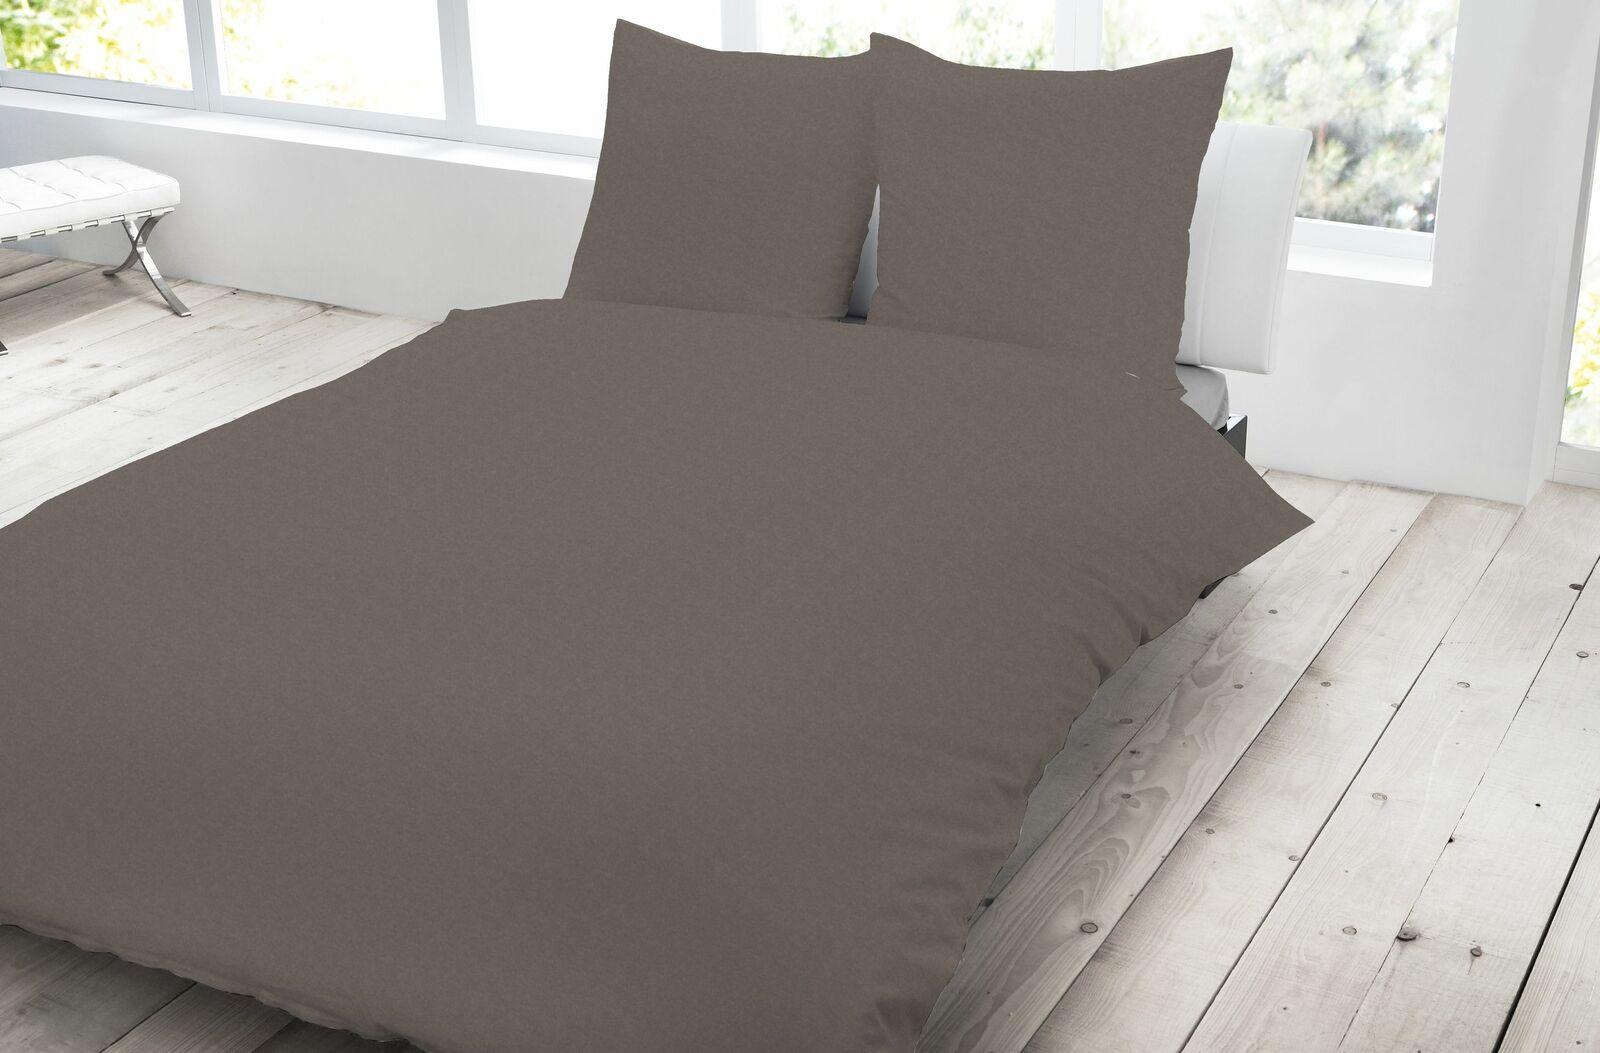 3 tlg Jersey Bettwäsche 200x200 cm braun meliert Melange Baumwolle Set